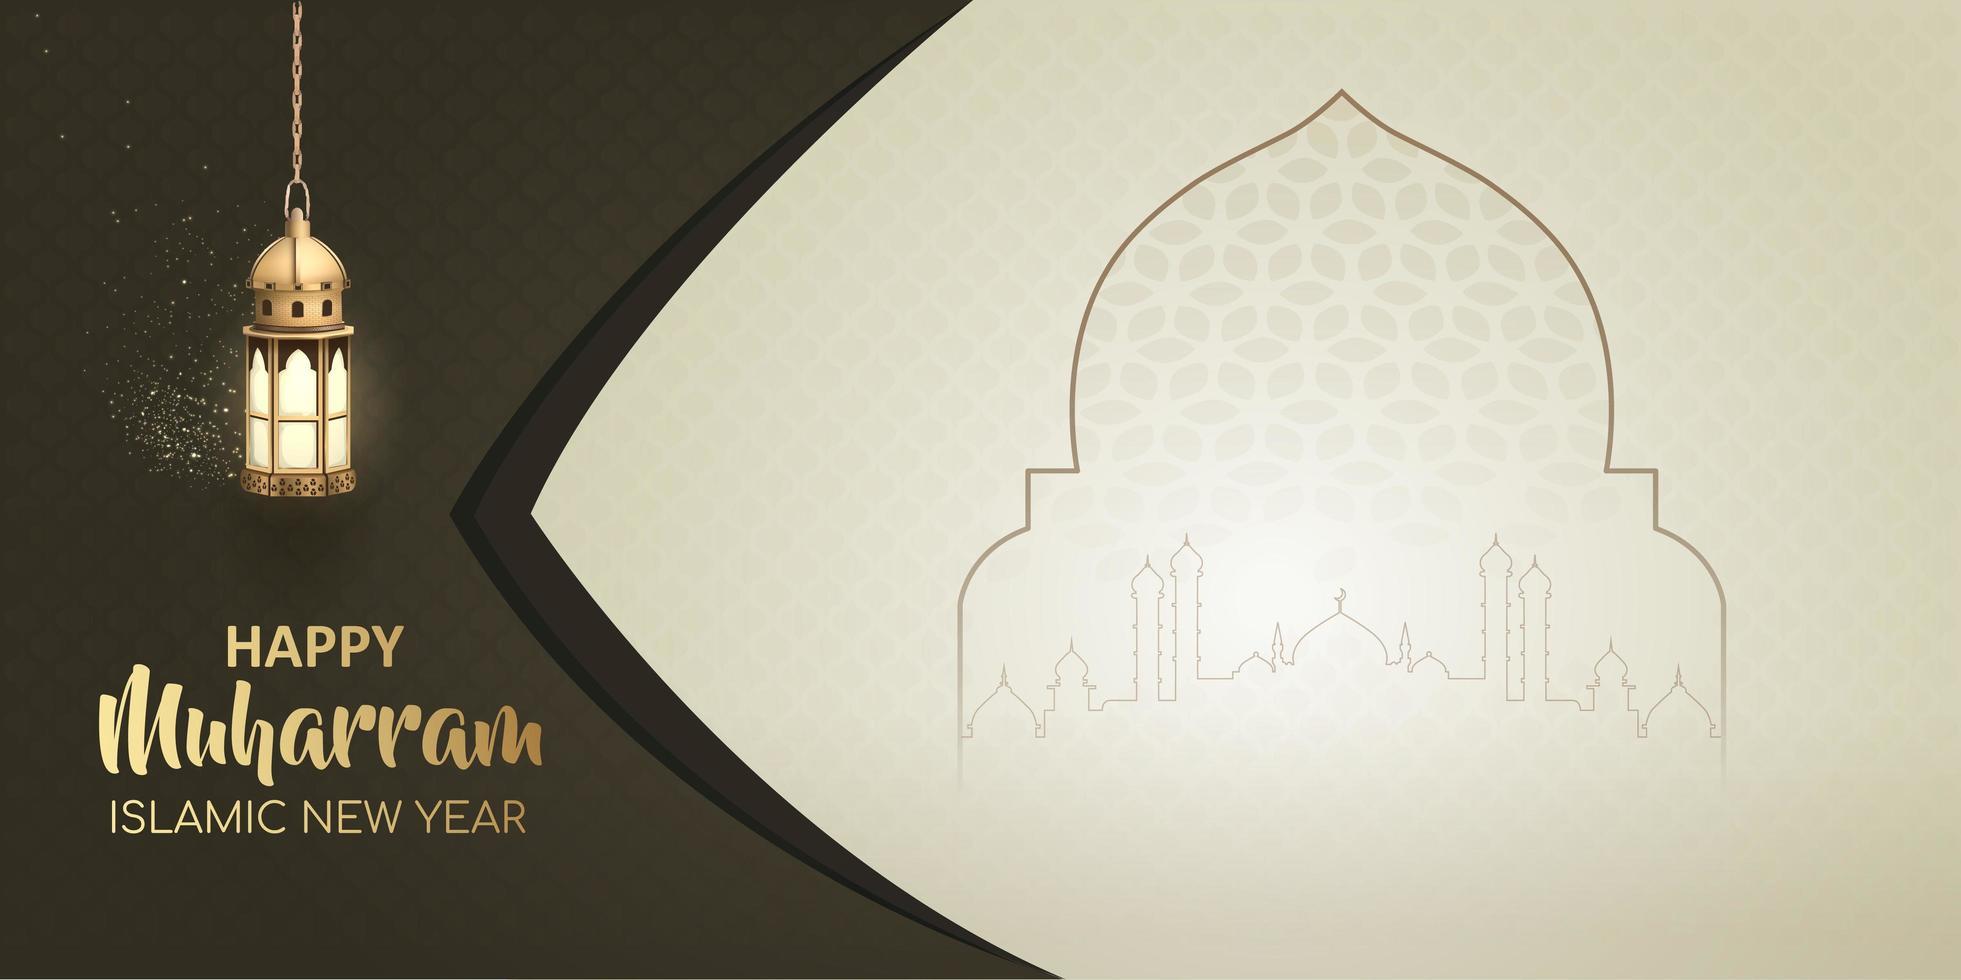 gelukkig muharram islamitisch nieuwjaar wenskaart ontwerp vector